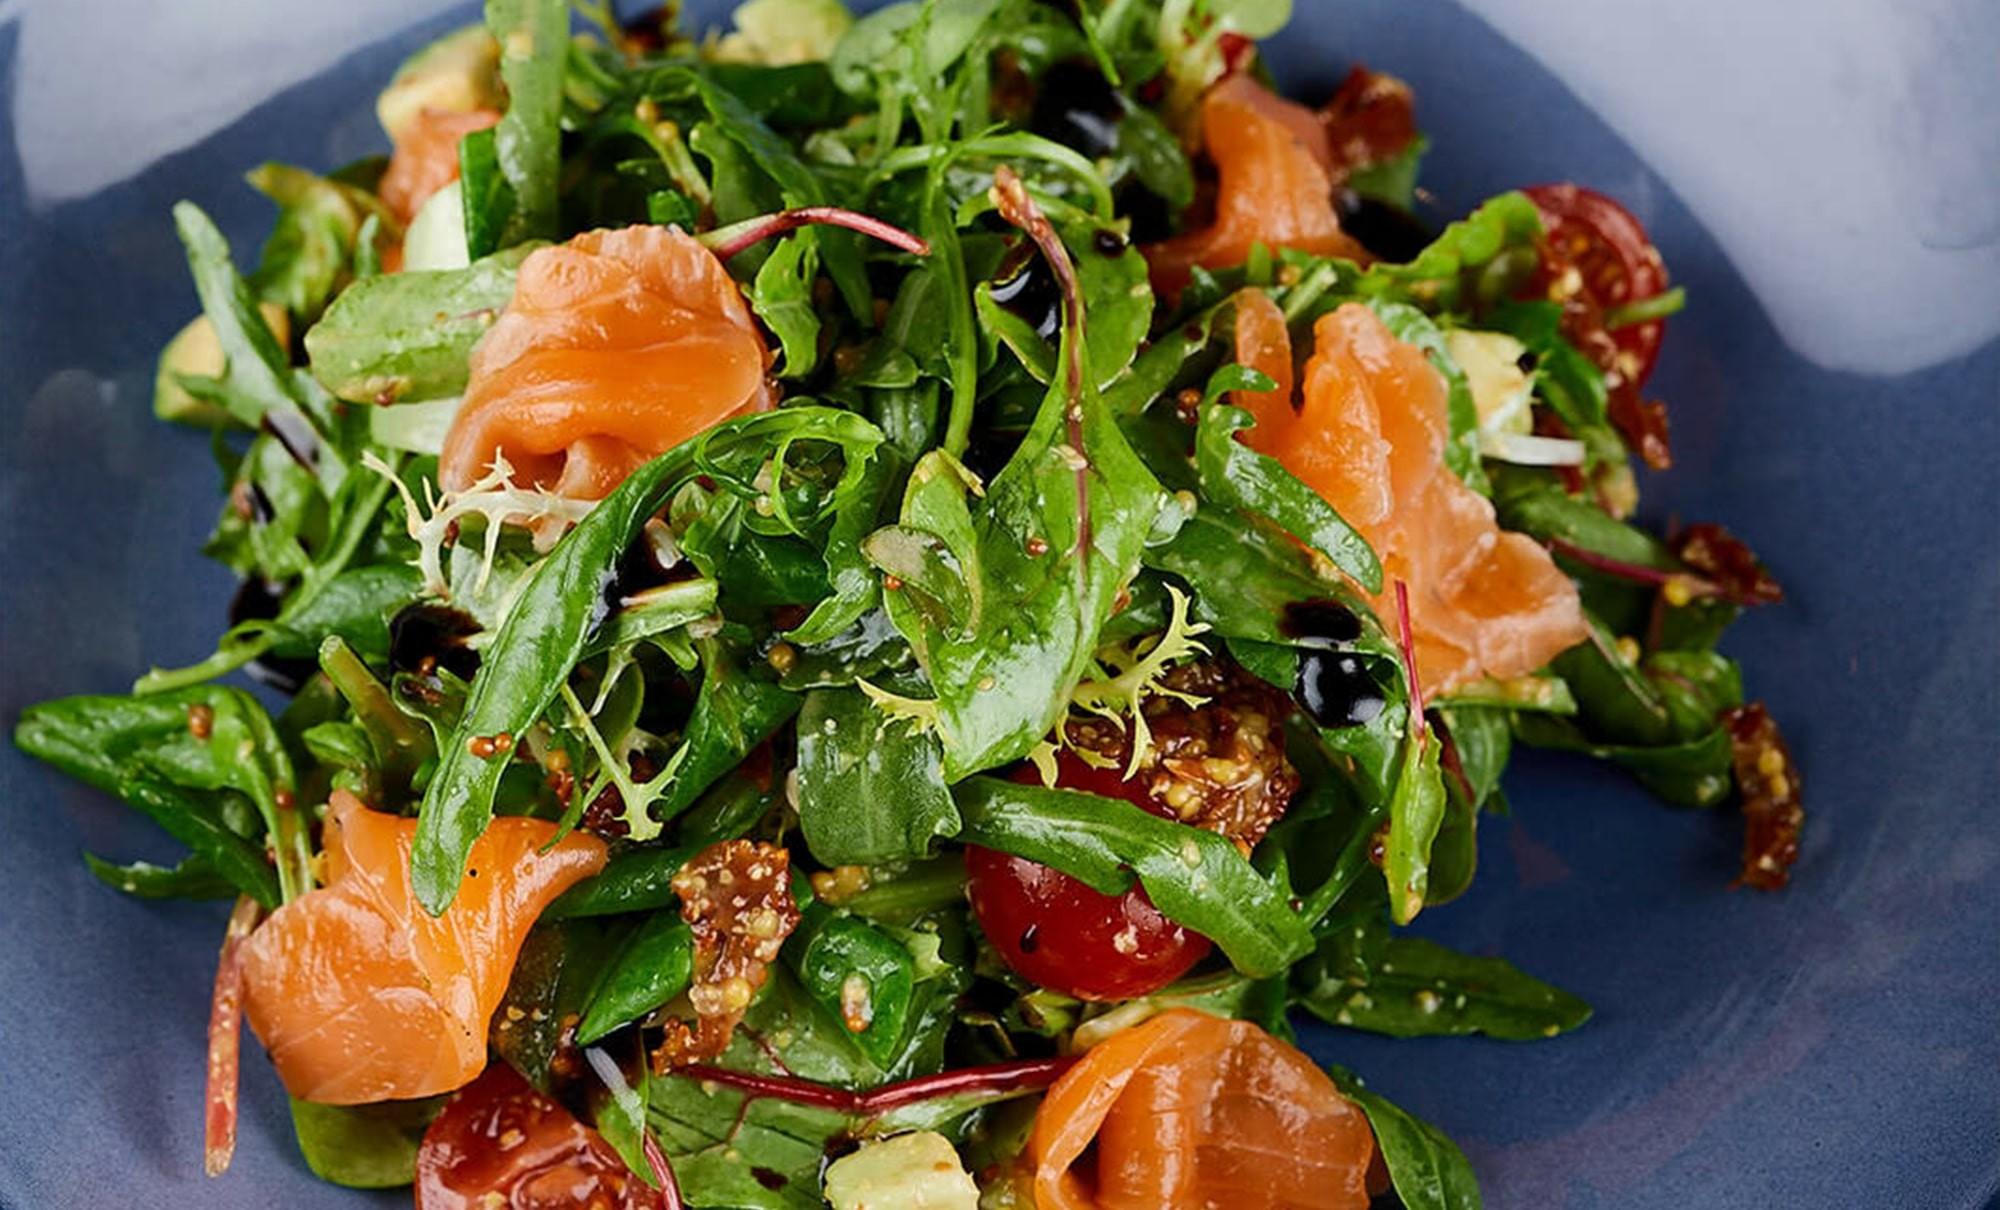 салат со слабосоленым лососем, авокадо и вялеными томатами в ресторане Веранда